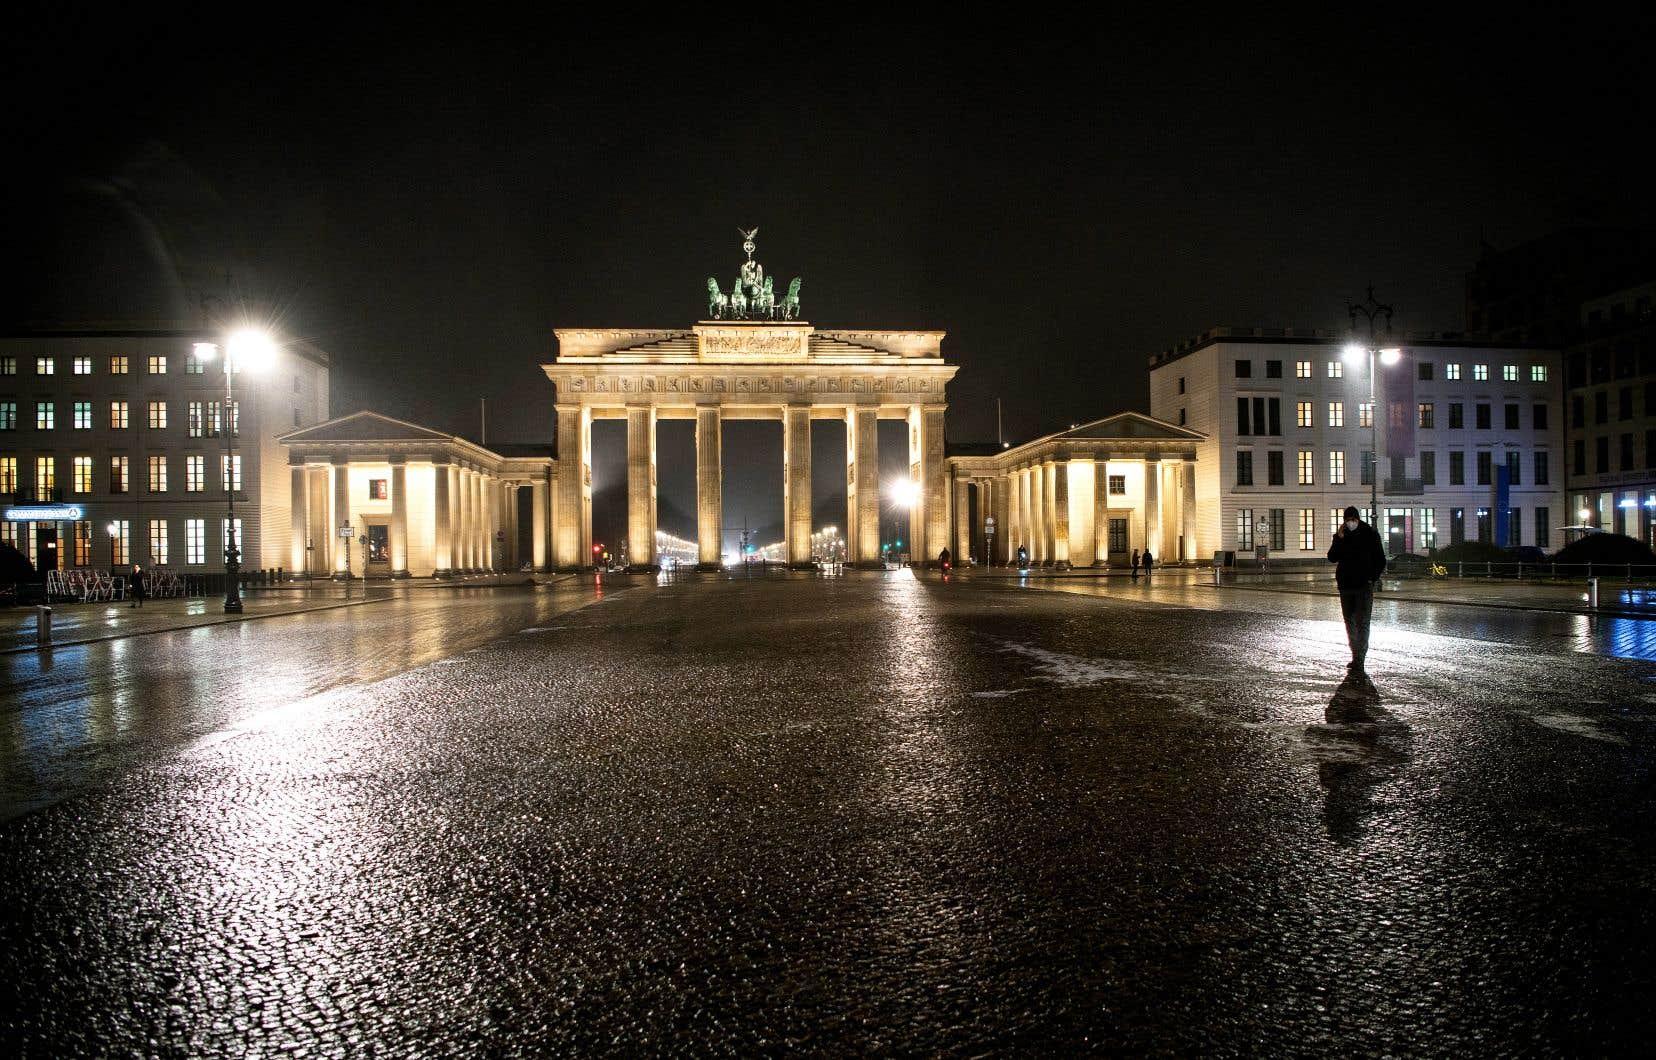 Toutes les restrictions déjà en place, comme la fermeture des écoles, des bars, des restaurants et des lieux culturels, s'appliqueront jusqu'au 14 février a annoncé la chancelière allemande.